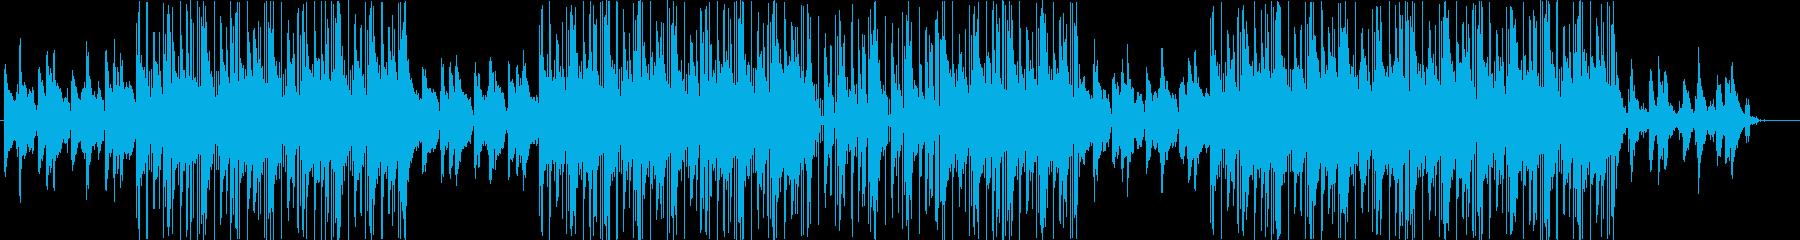 洋楽、トラップソウル、R&B、チルアウトの再生済みの波形